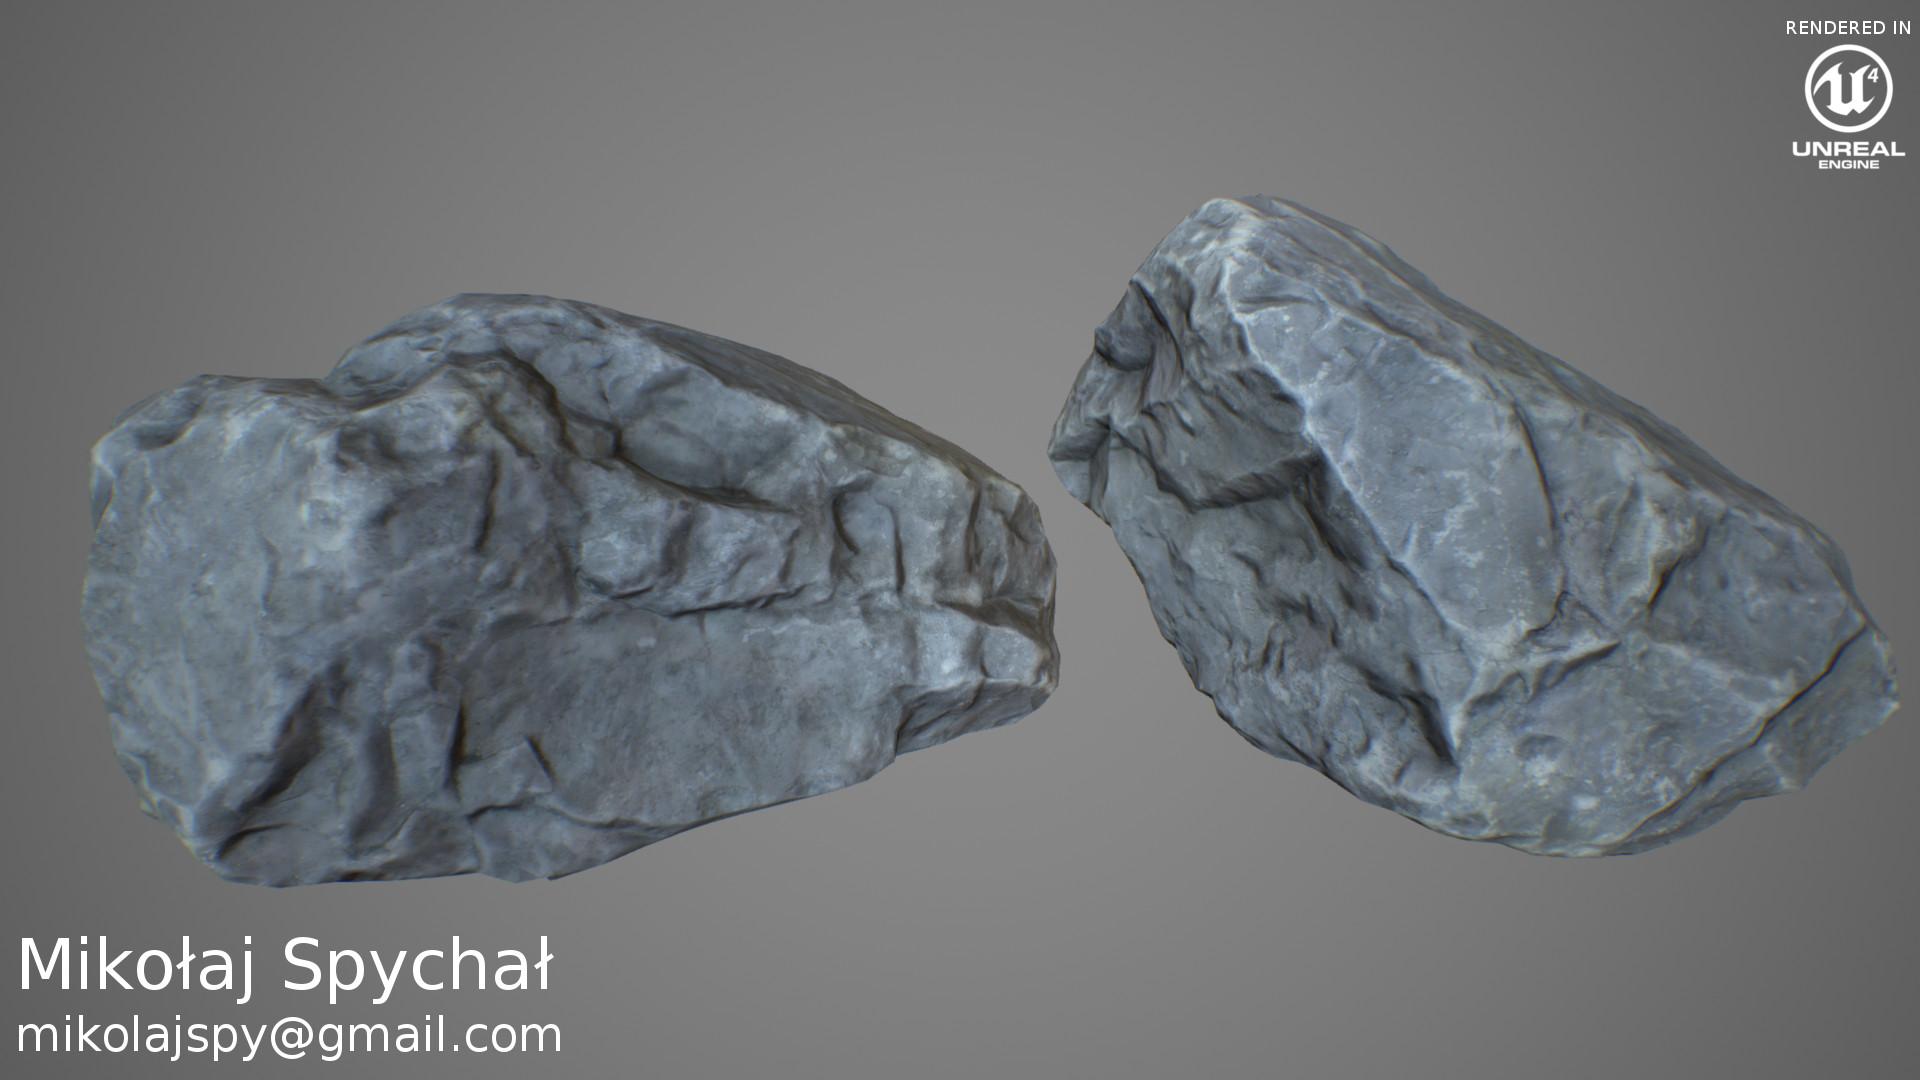 Mikolaj spychal rocksportfolio2